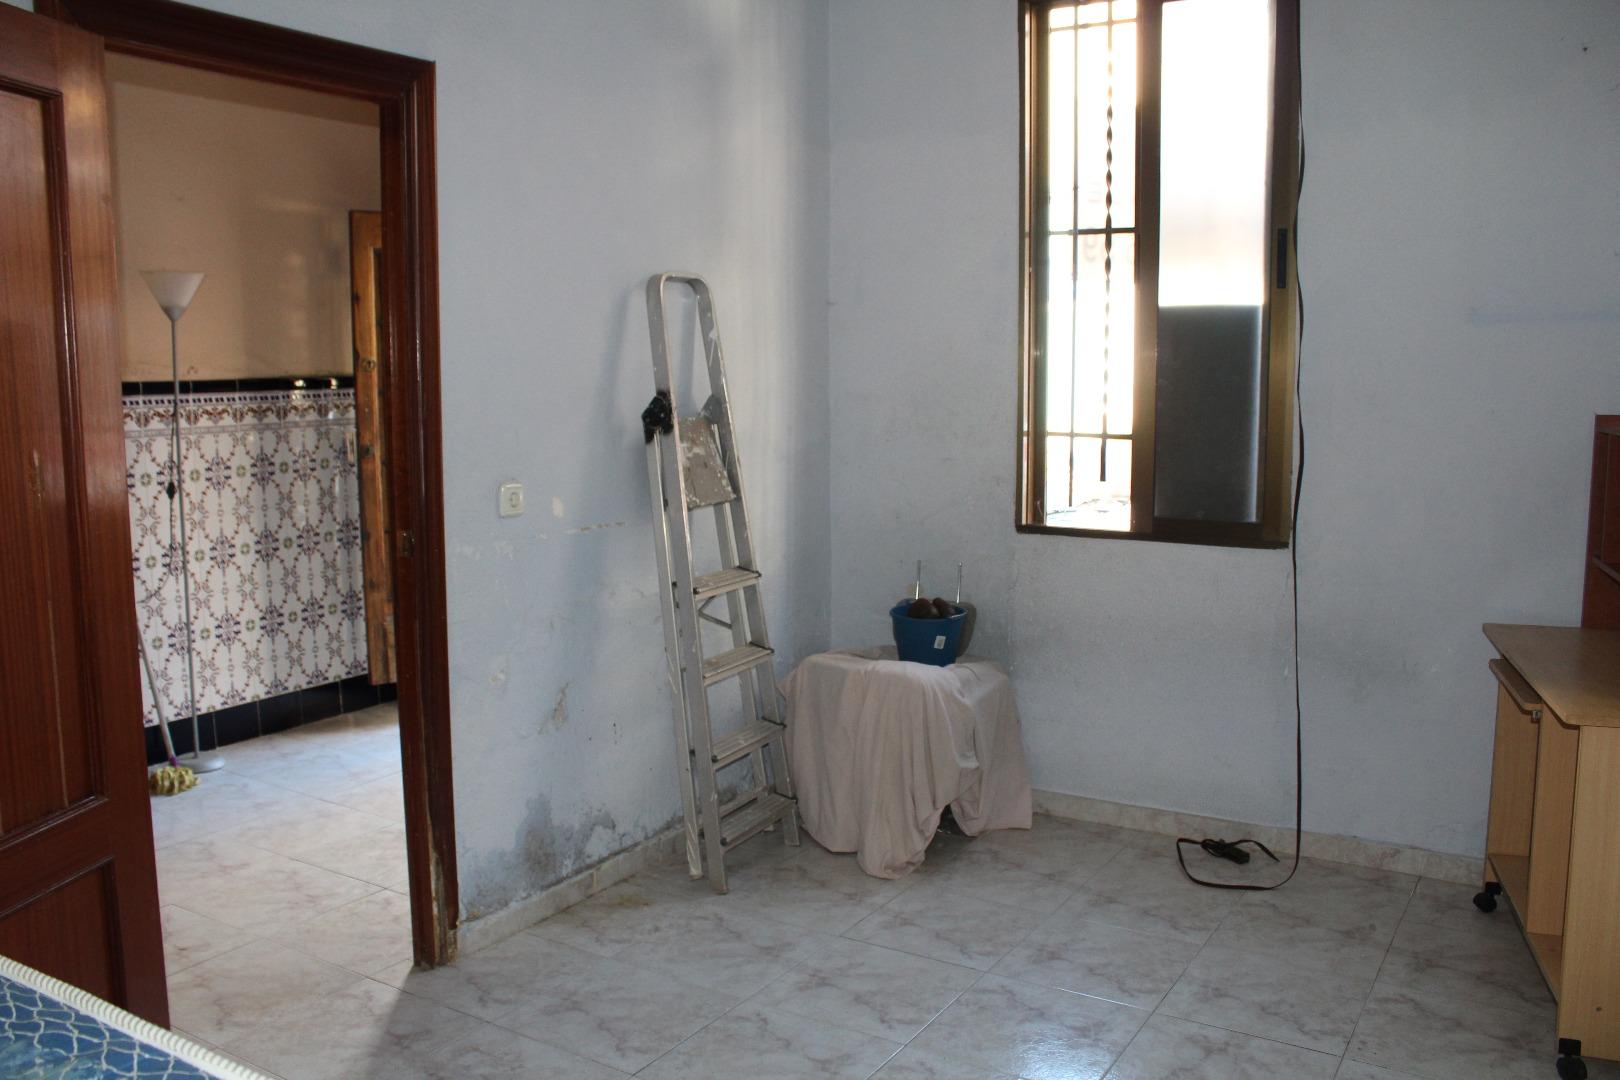 Location Maison  Paiporta - zona plaza xúquer. Excelente oportunidad para comprar casa de pueblo en paiporta!